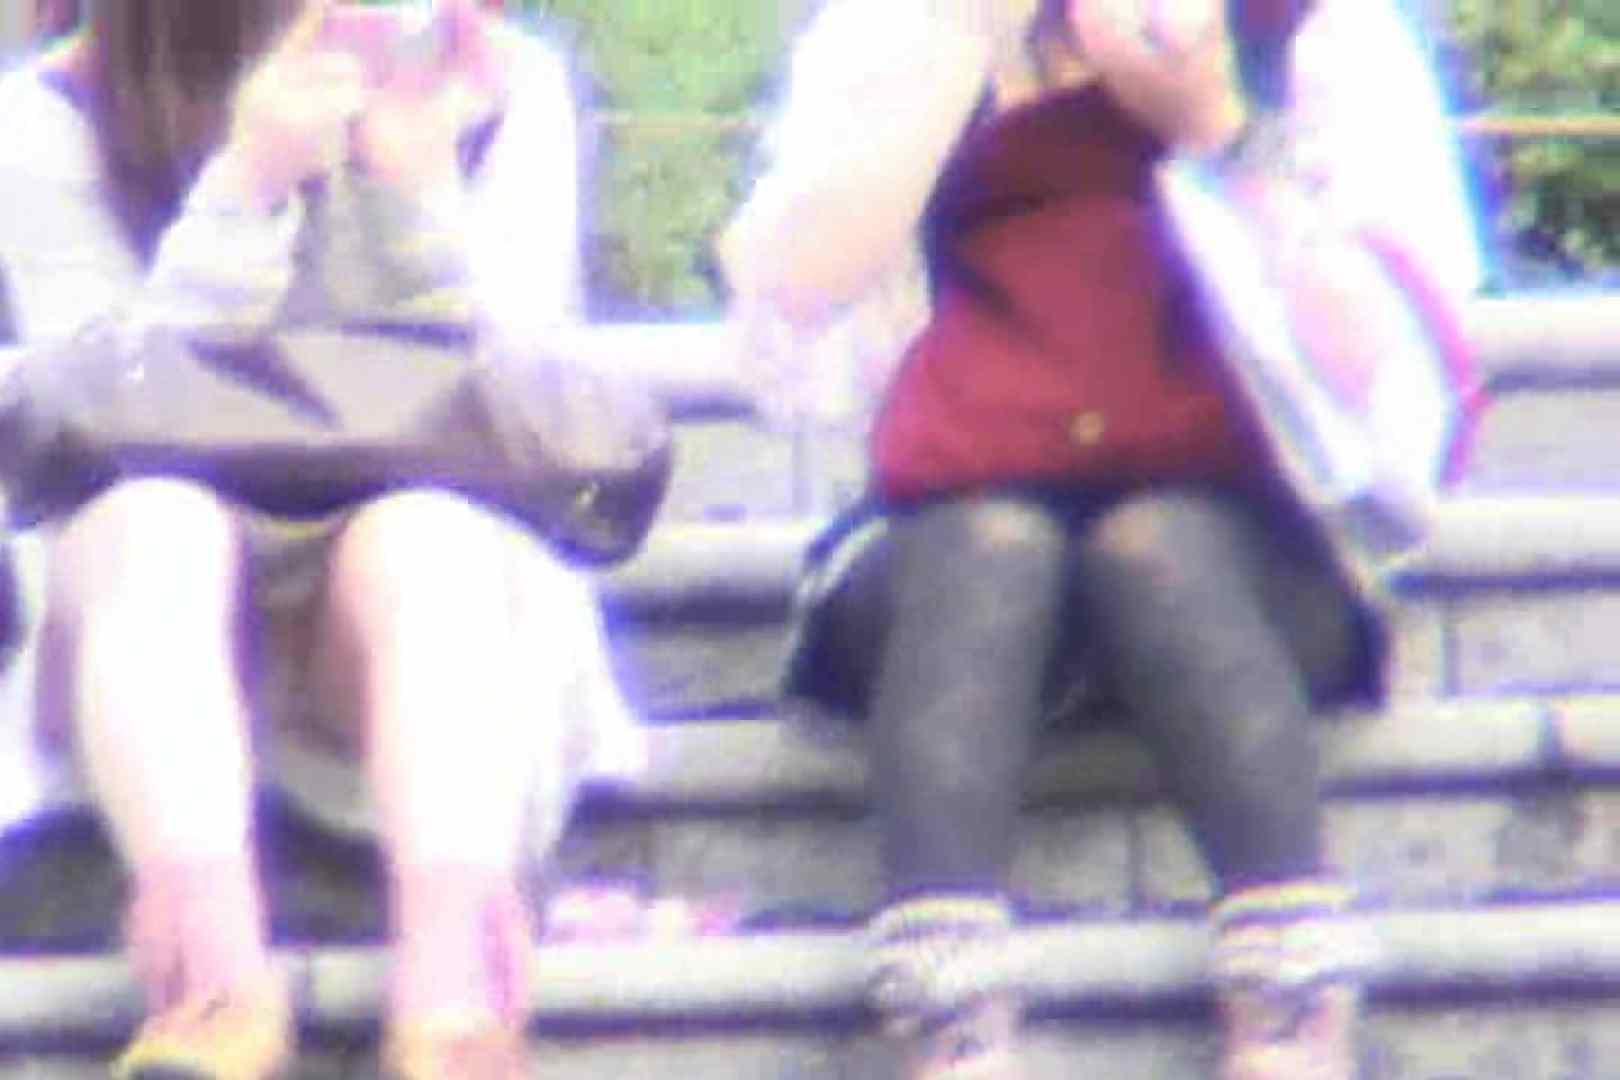 超最新版!春夏秋冬 vol.04 オマタぱっくり オマンコ無修正動画無料 98pic 11